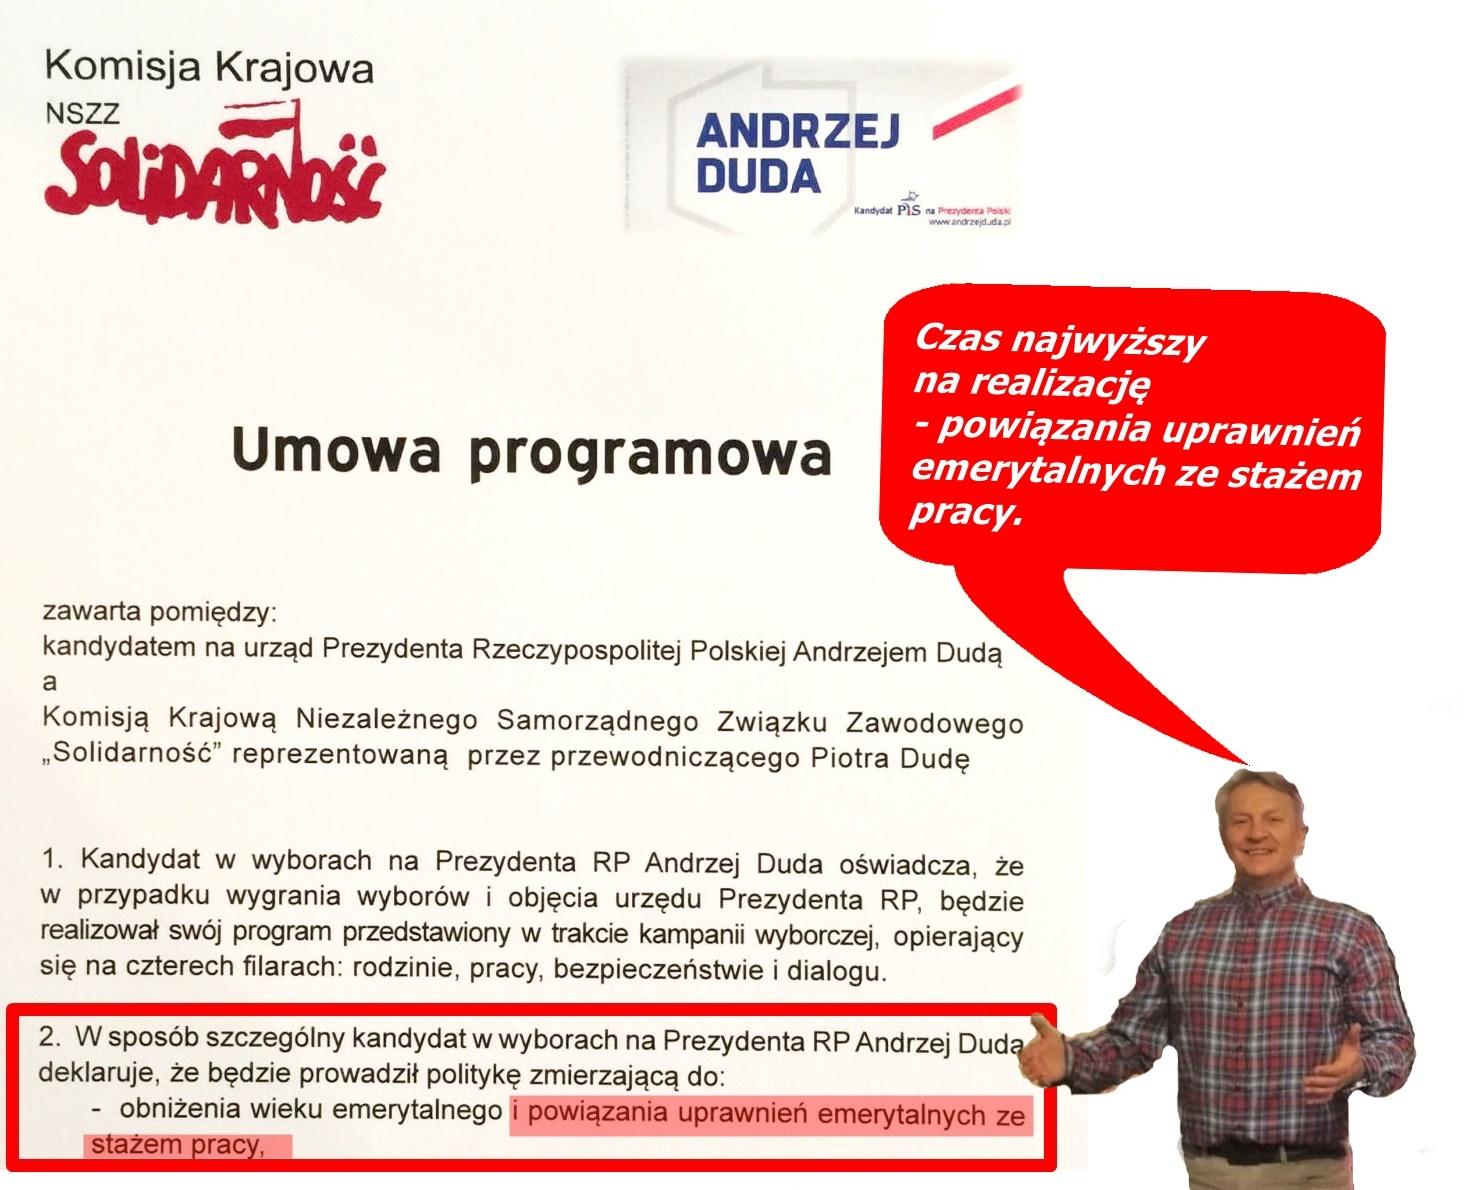 POLITYCZNYM PANACEUM SĄ, EMERYTURY STAŻOWE  35/40 LAT